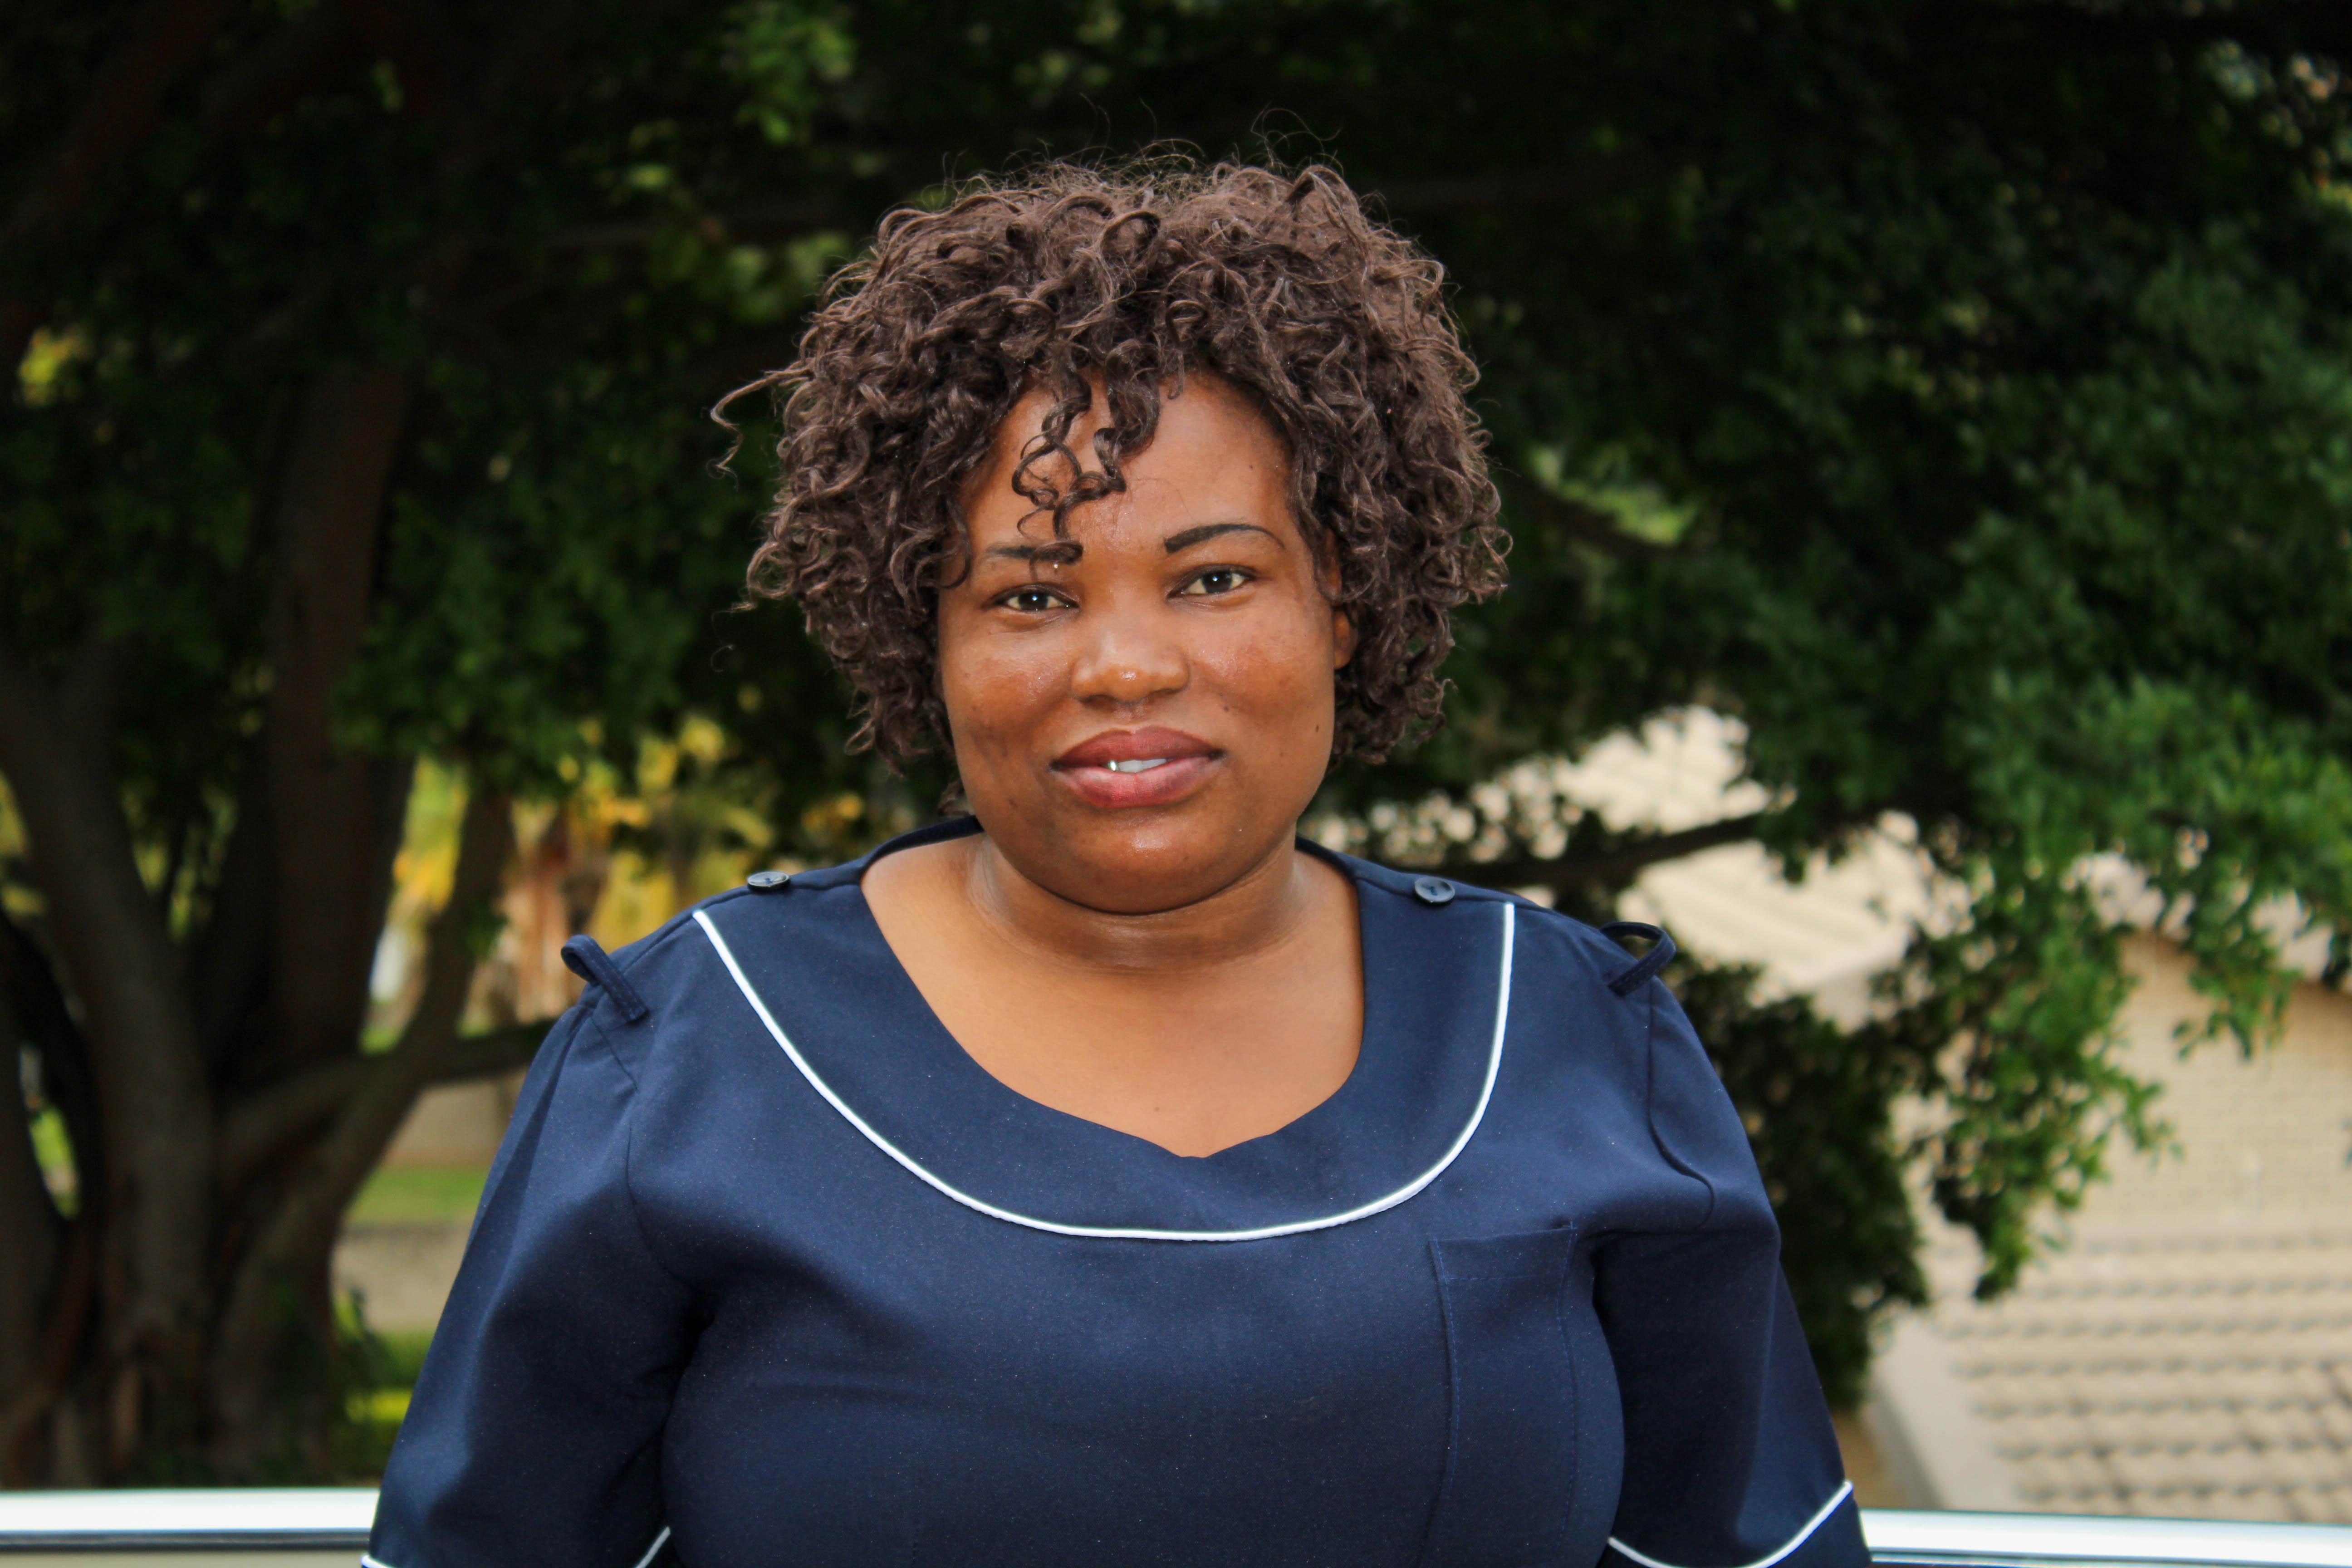 Nokwazi Nqondo